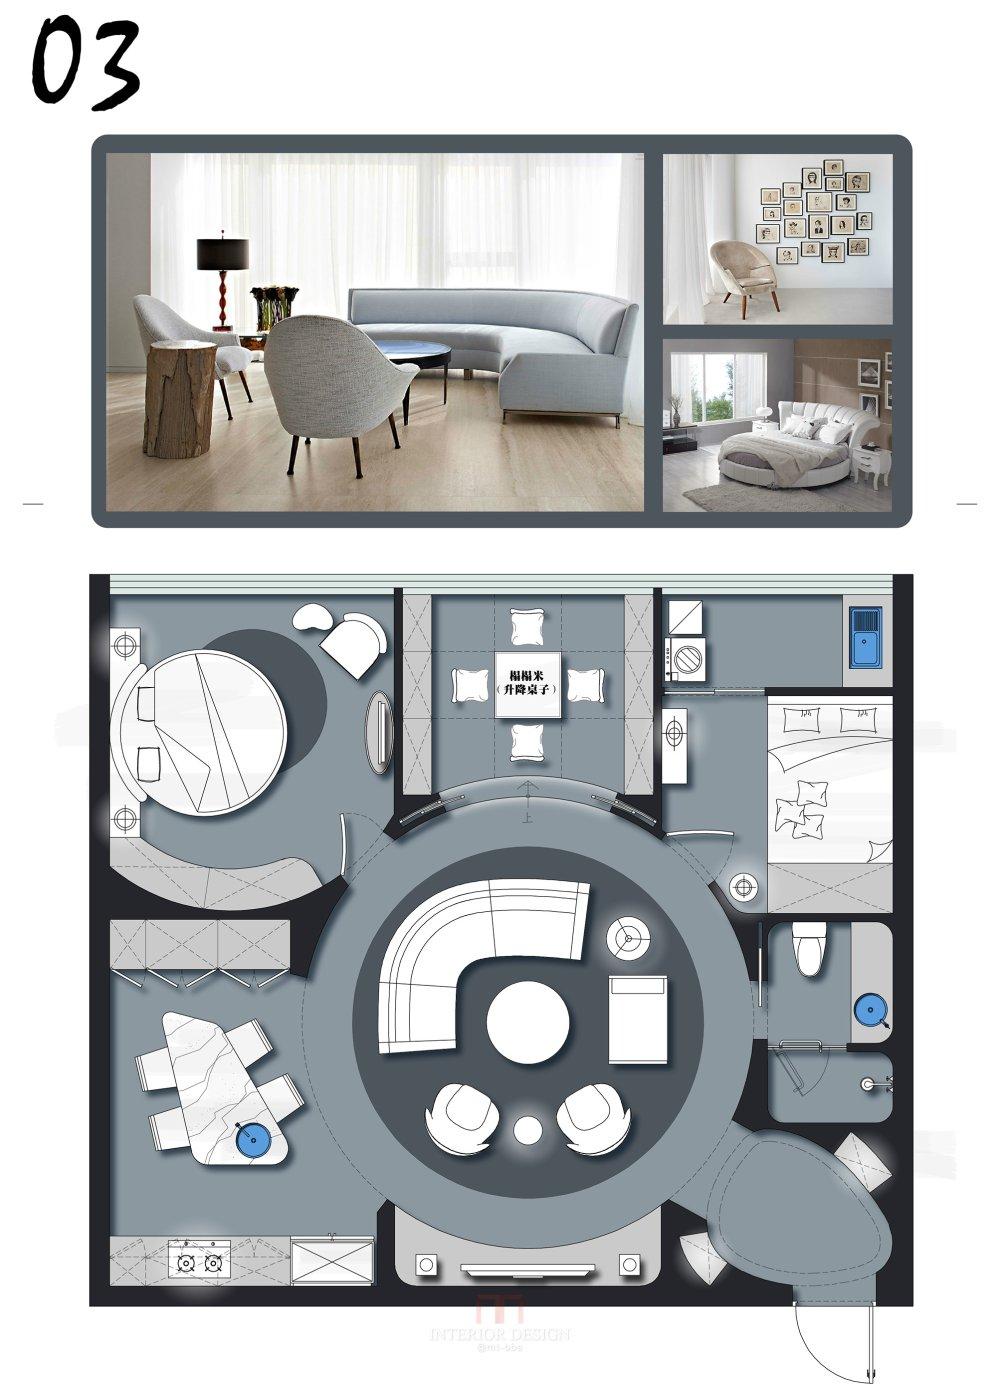 【第四期-住宅平面优化】 一个小户型13个方案,求投票+点评_03.jpg